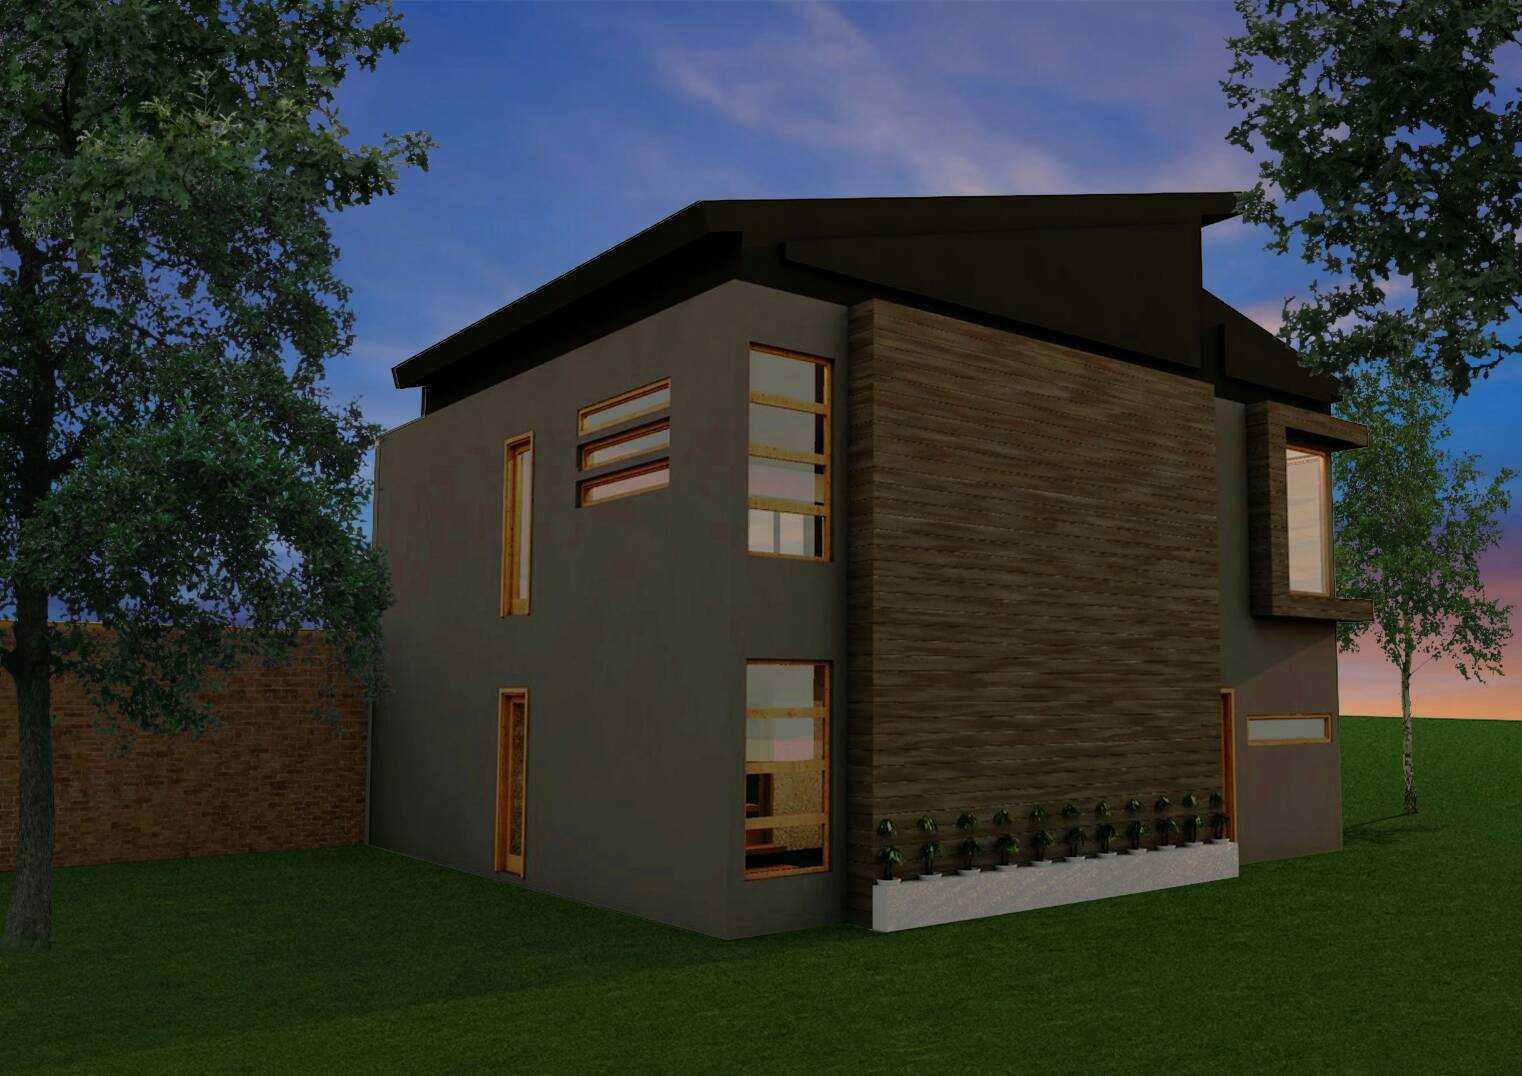 Ansitama Architecture Studio Rumah Hunian Bapak Hijri Jambi, Kota Jambi, Jambi, Indonesia Jambi, Kota Jambi, Jambi, Indonesia Ansitama-Architetcture-Studio-Rumah-Hunian-Bapak-Hijri  56251